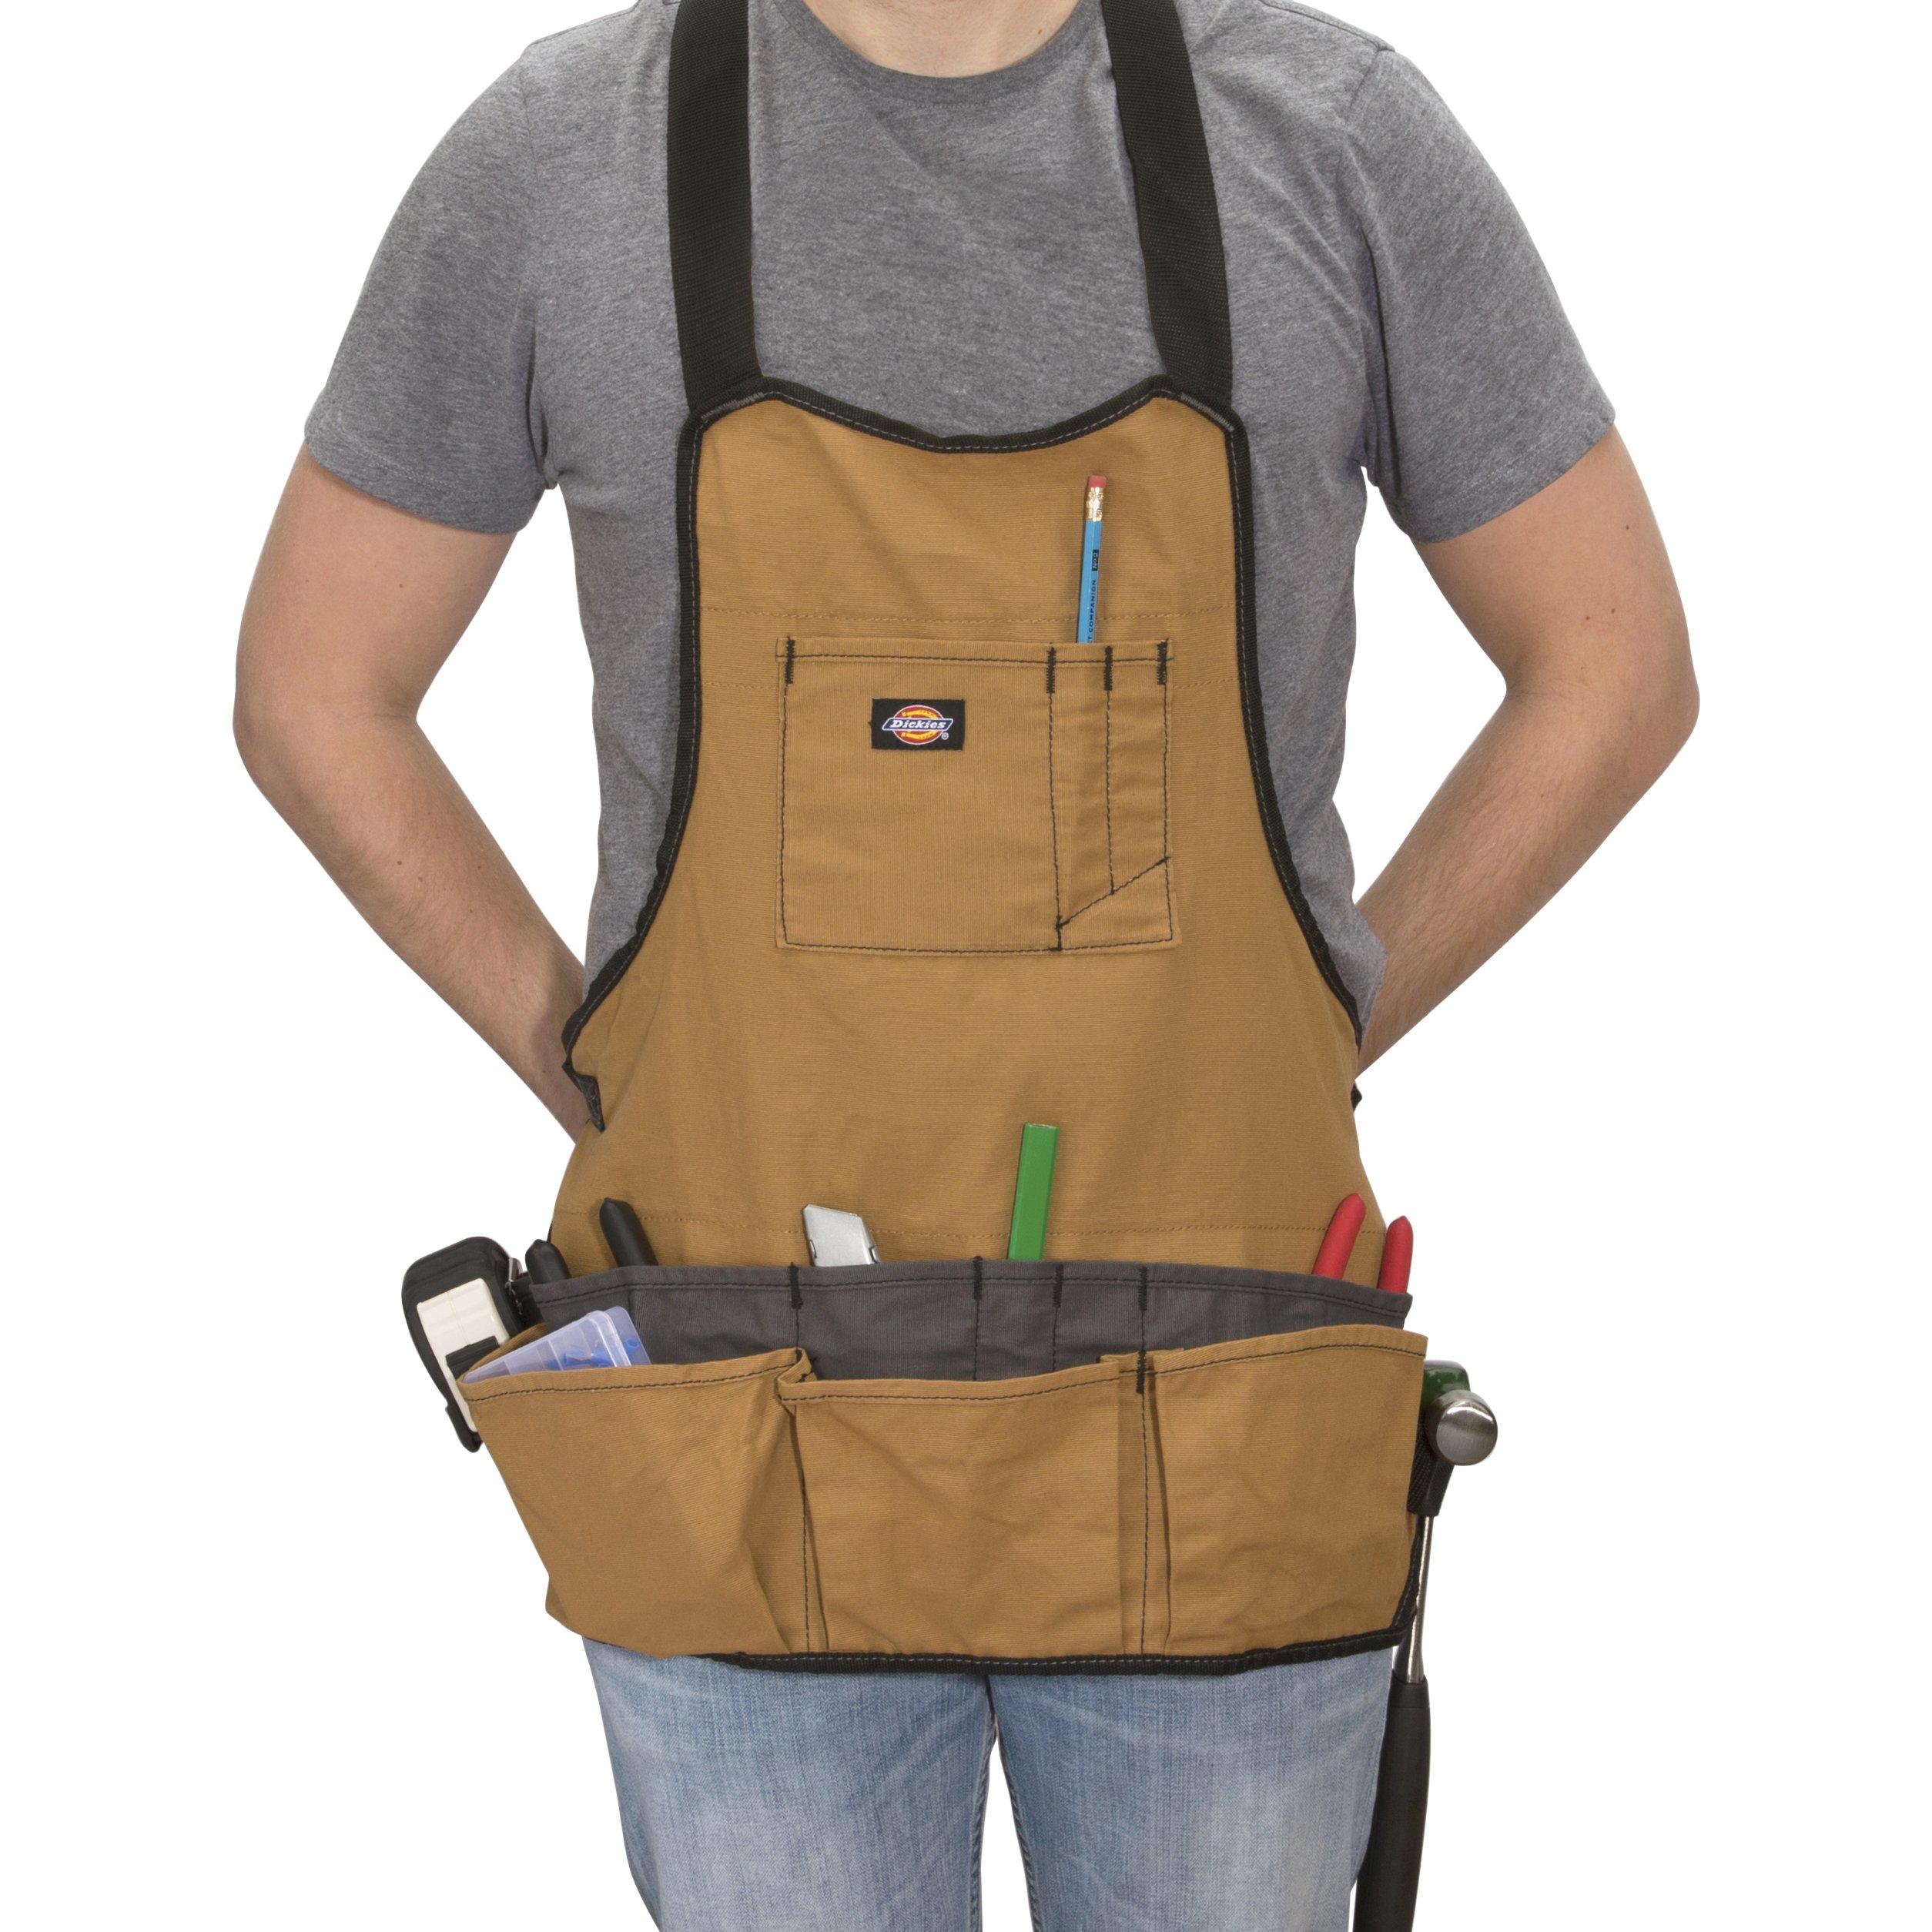 Dickies Work Gear 57027 Grey/Tan 16-Pocket Bib Apron by Dickies Work Gear (Image #4)